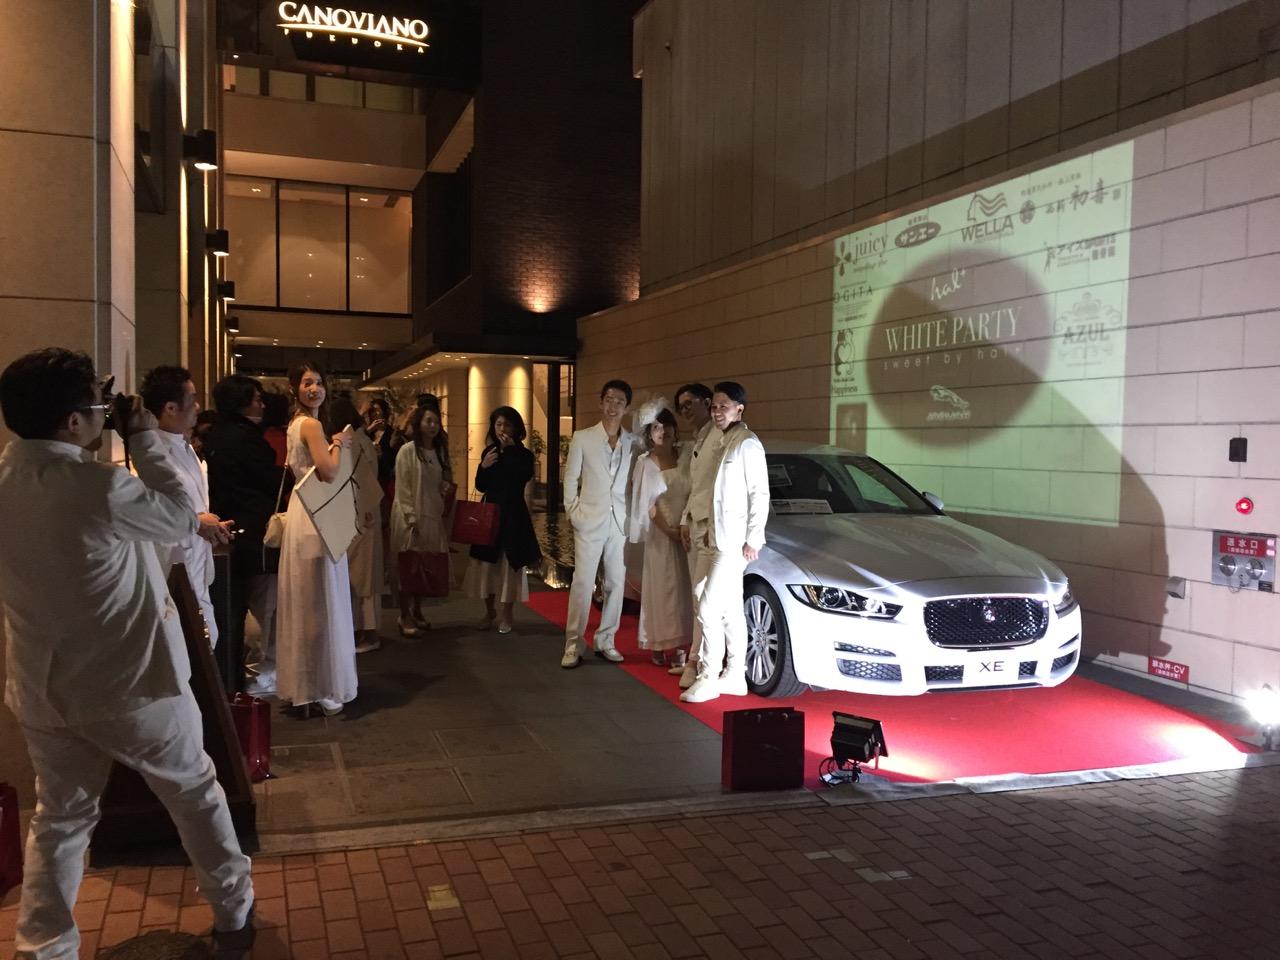 hal+ ホワイトパーティ XE展示 カノビアーノ福岡